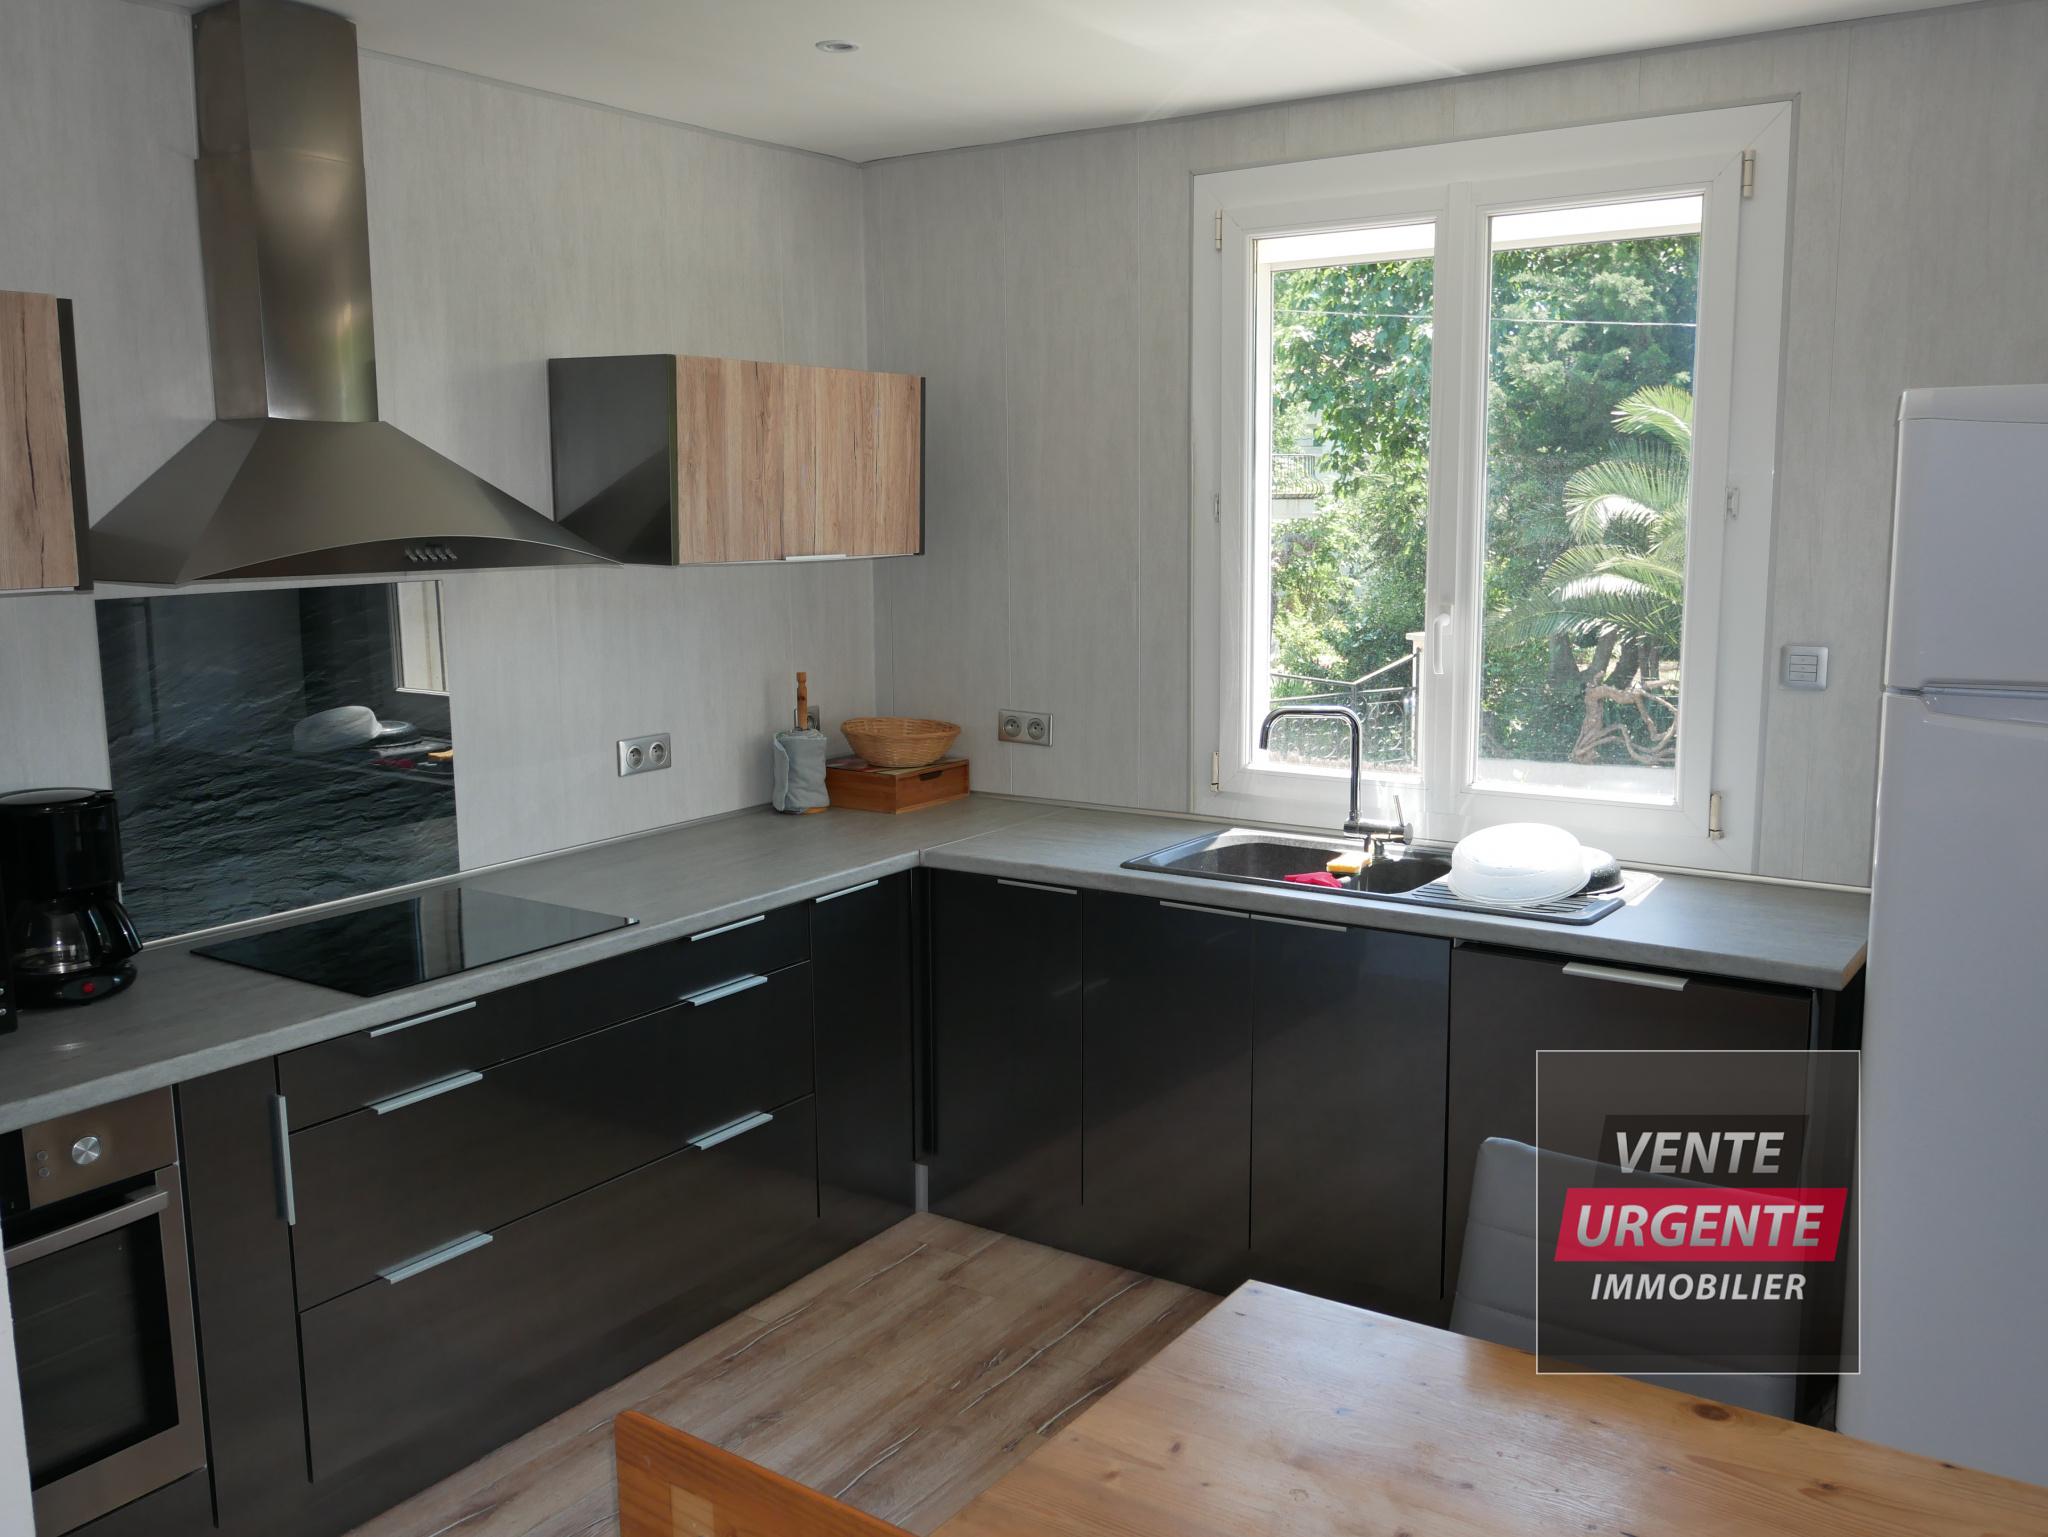 Vente Exclusivite Narbonne Maison 3 Faces 5 Pieces Grand Jardin Et Garage Vente Urgente Immobilier